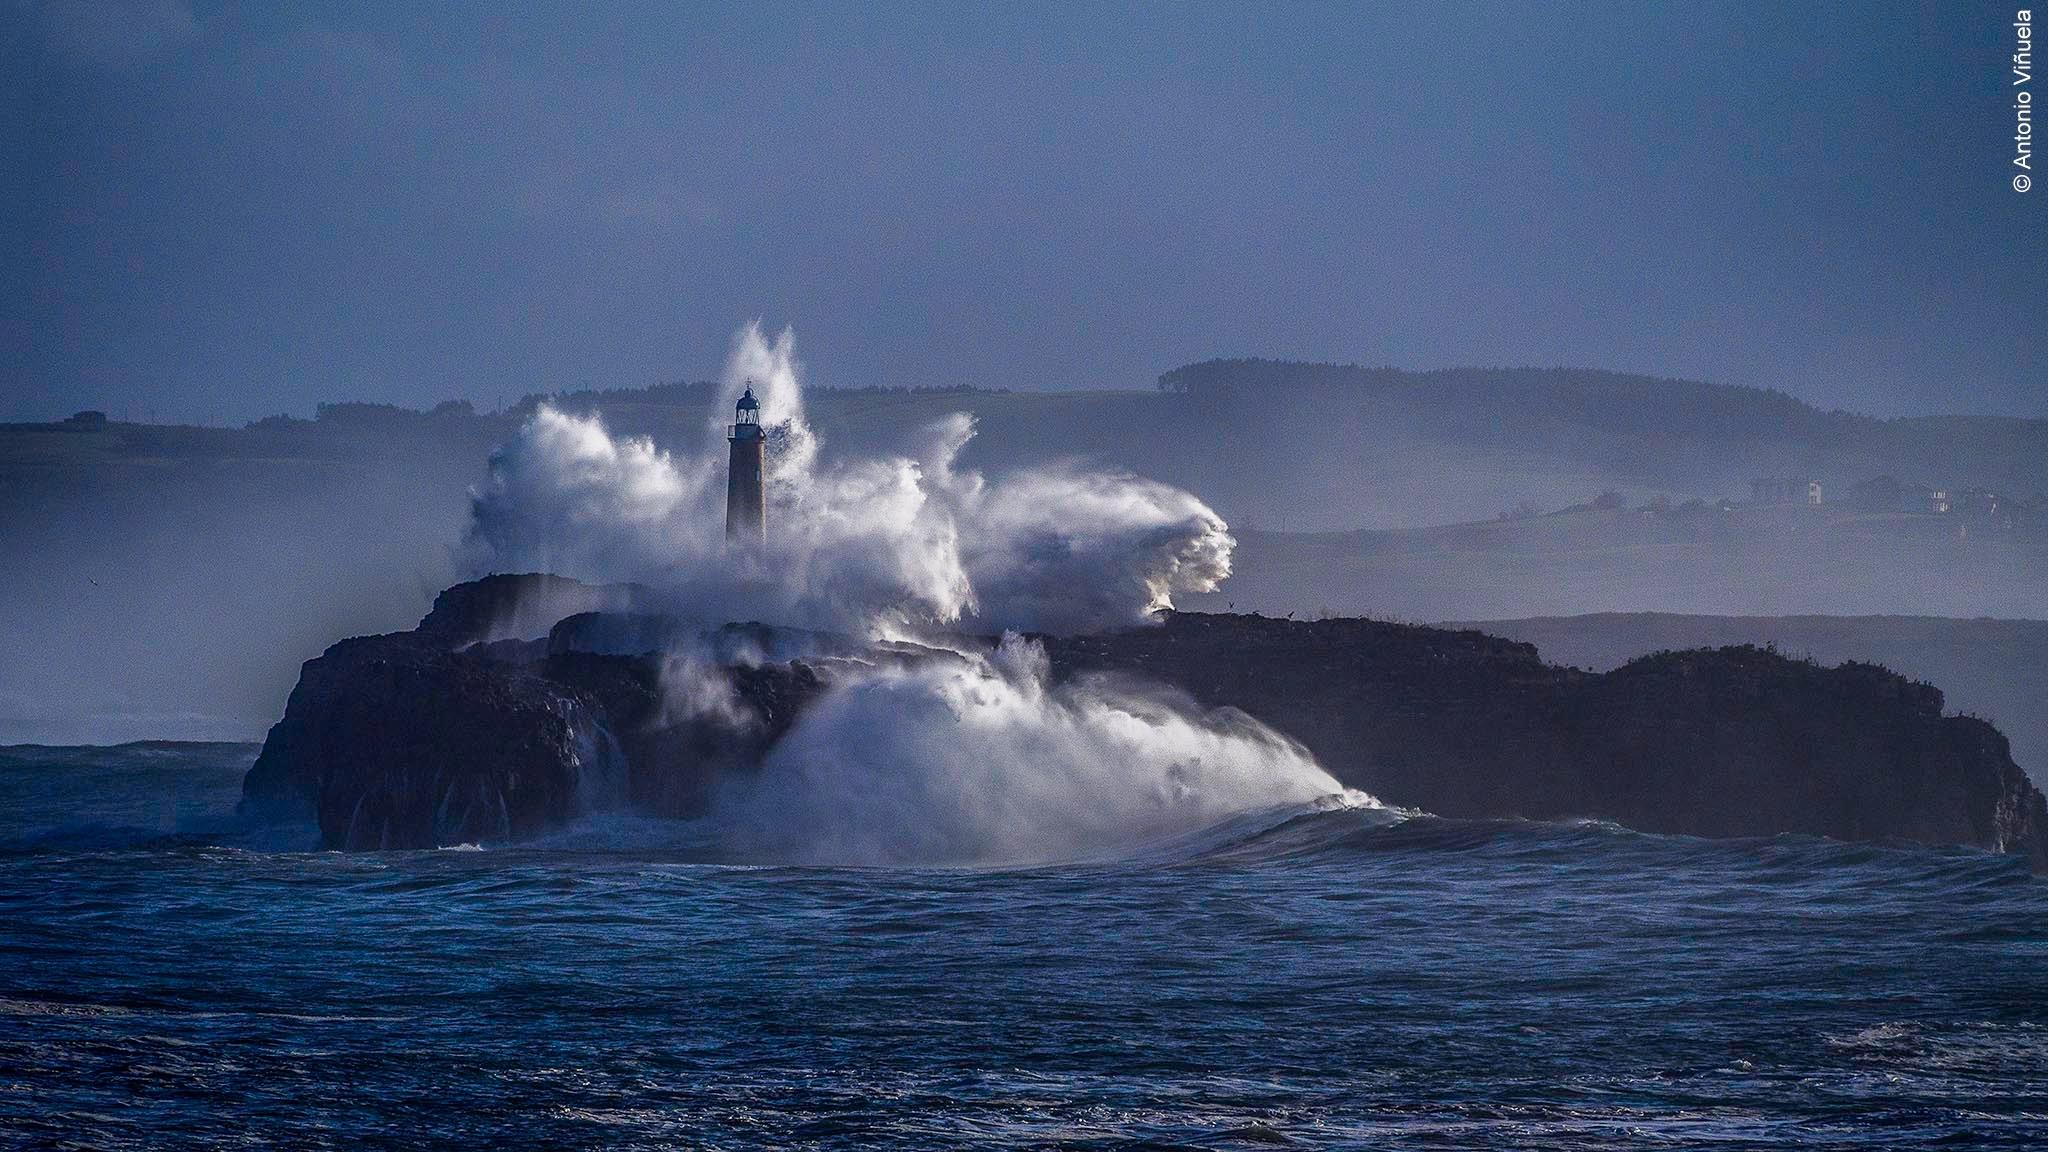 The fury of the sea by Antonio Viñuela